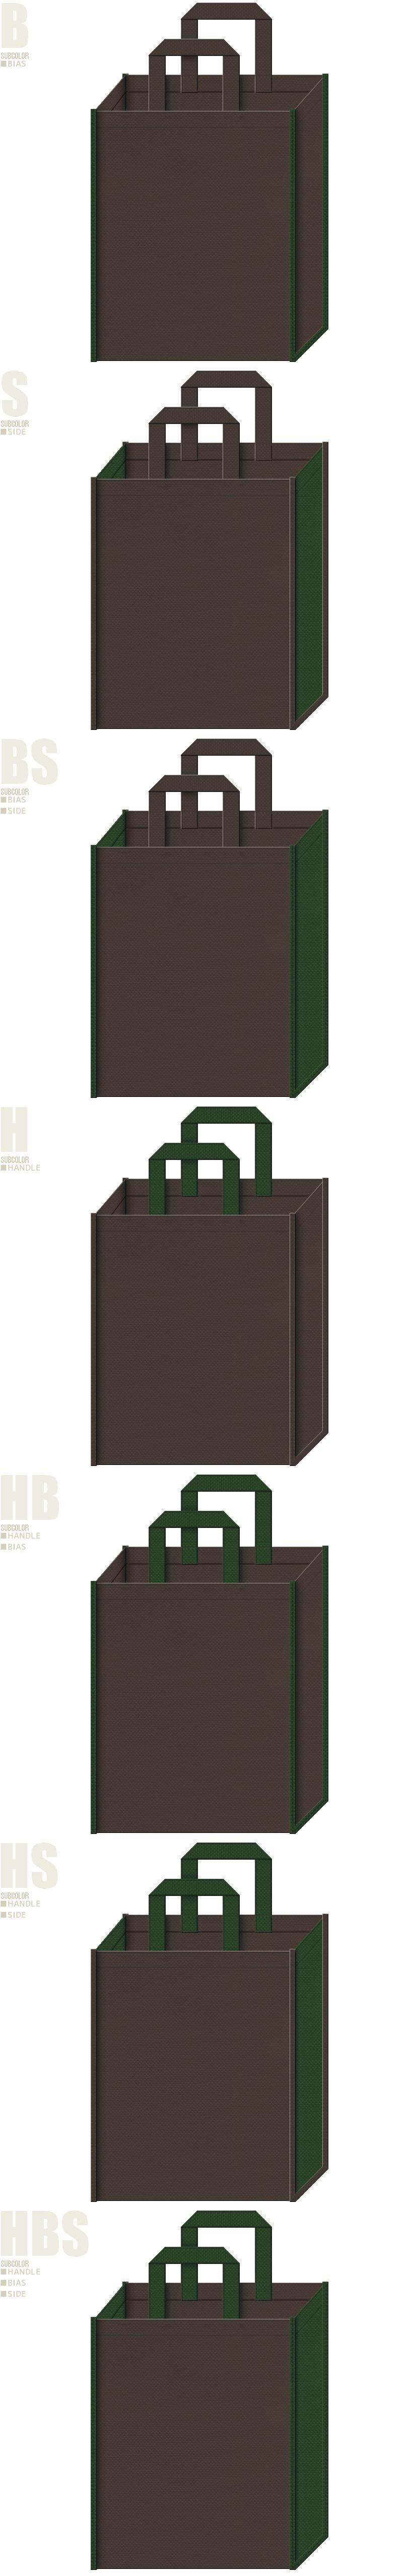 こげ茶色と濃緑色、7パターンの不織布トートバッグ配色デザイン例。メンズファッション用品の展示会用バッグにお奨めです。ジャングル・アニマル・恐竜のイメージ。